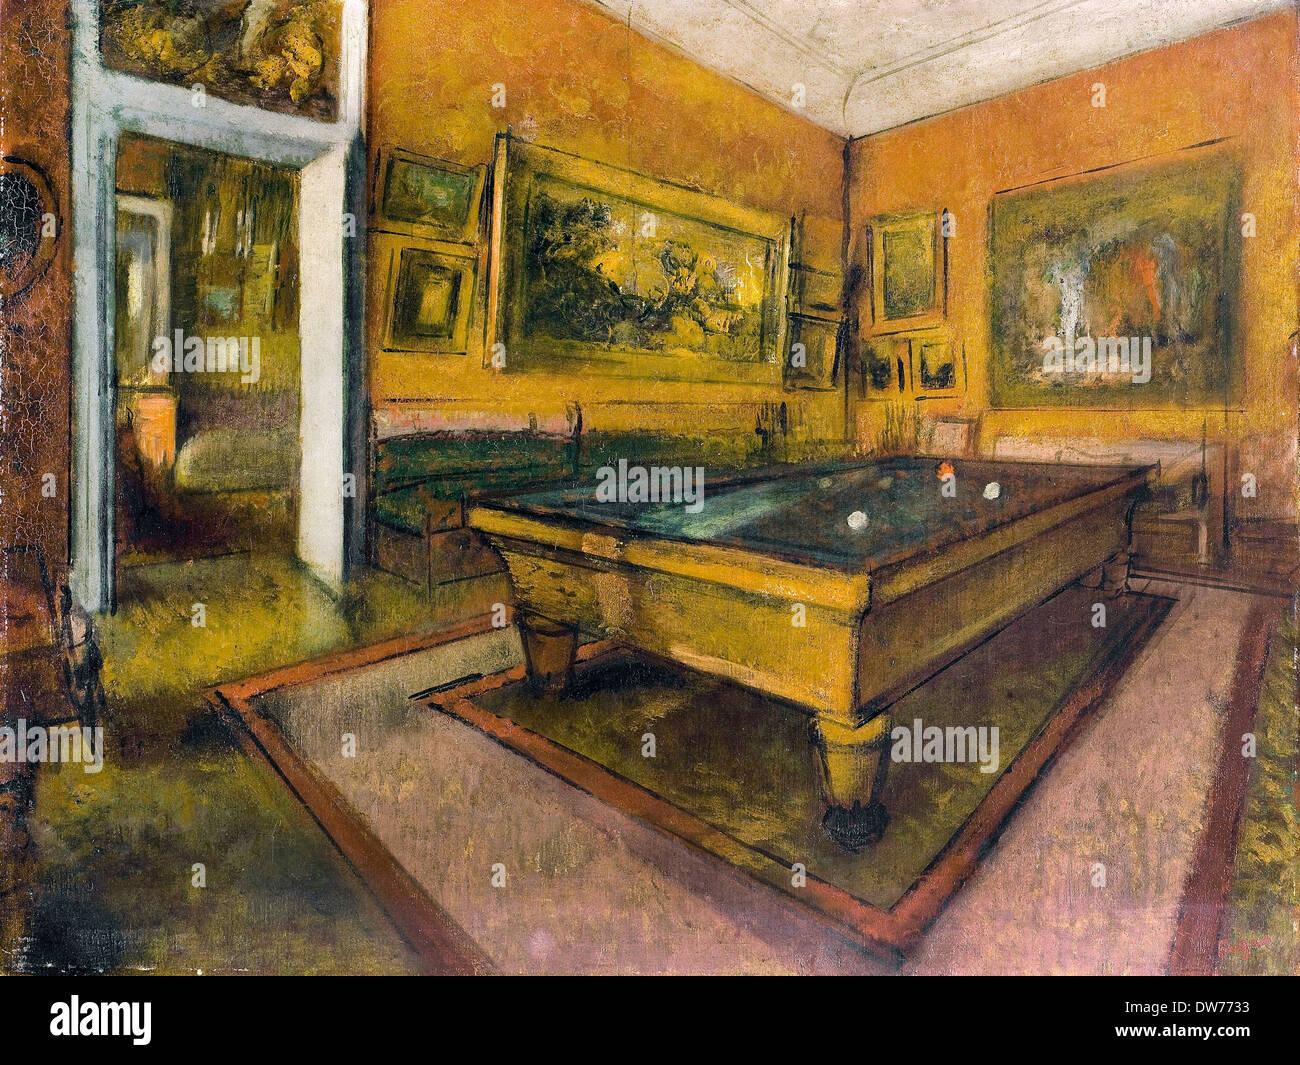 Sala Da Biliardo Degas : Edgar degas sala biliardo a menil hubert olio su tela musee